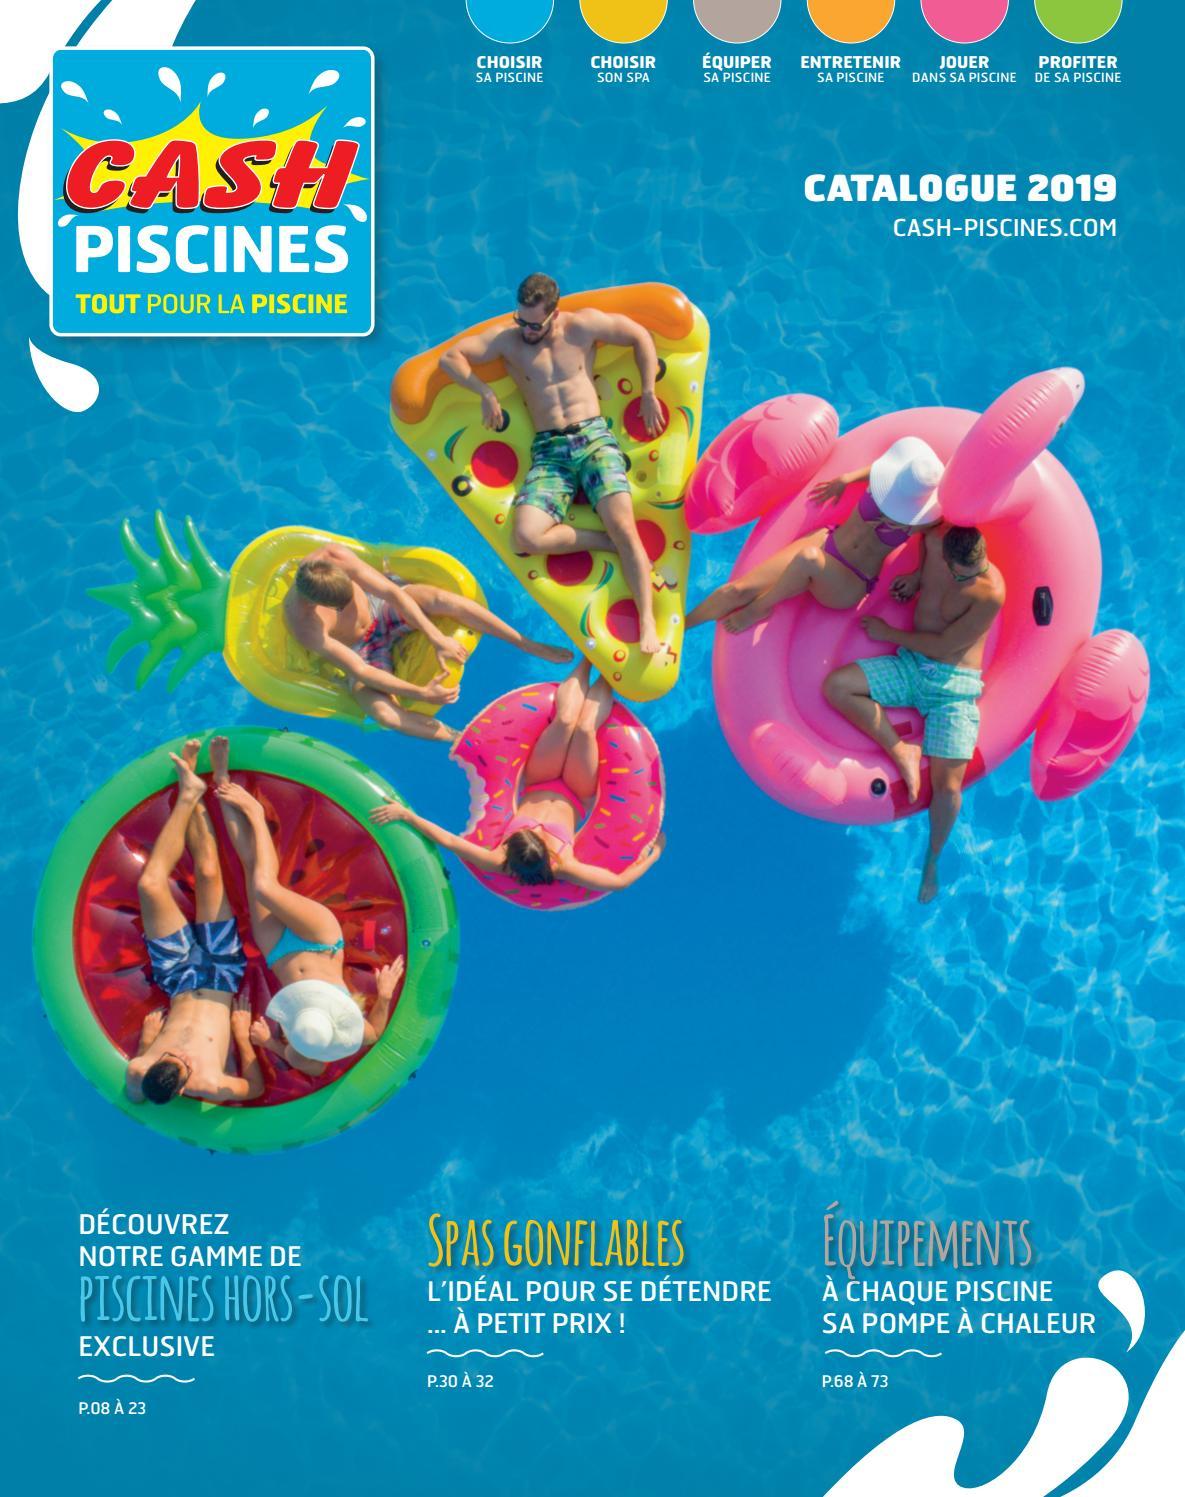 Catalogue Cash Piscines 2019 By Cashpiscines2 - Issuu pour Cash Piscine La Roche Sur Yon